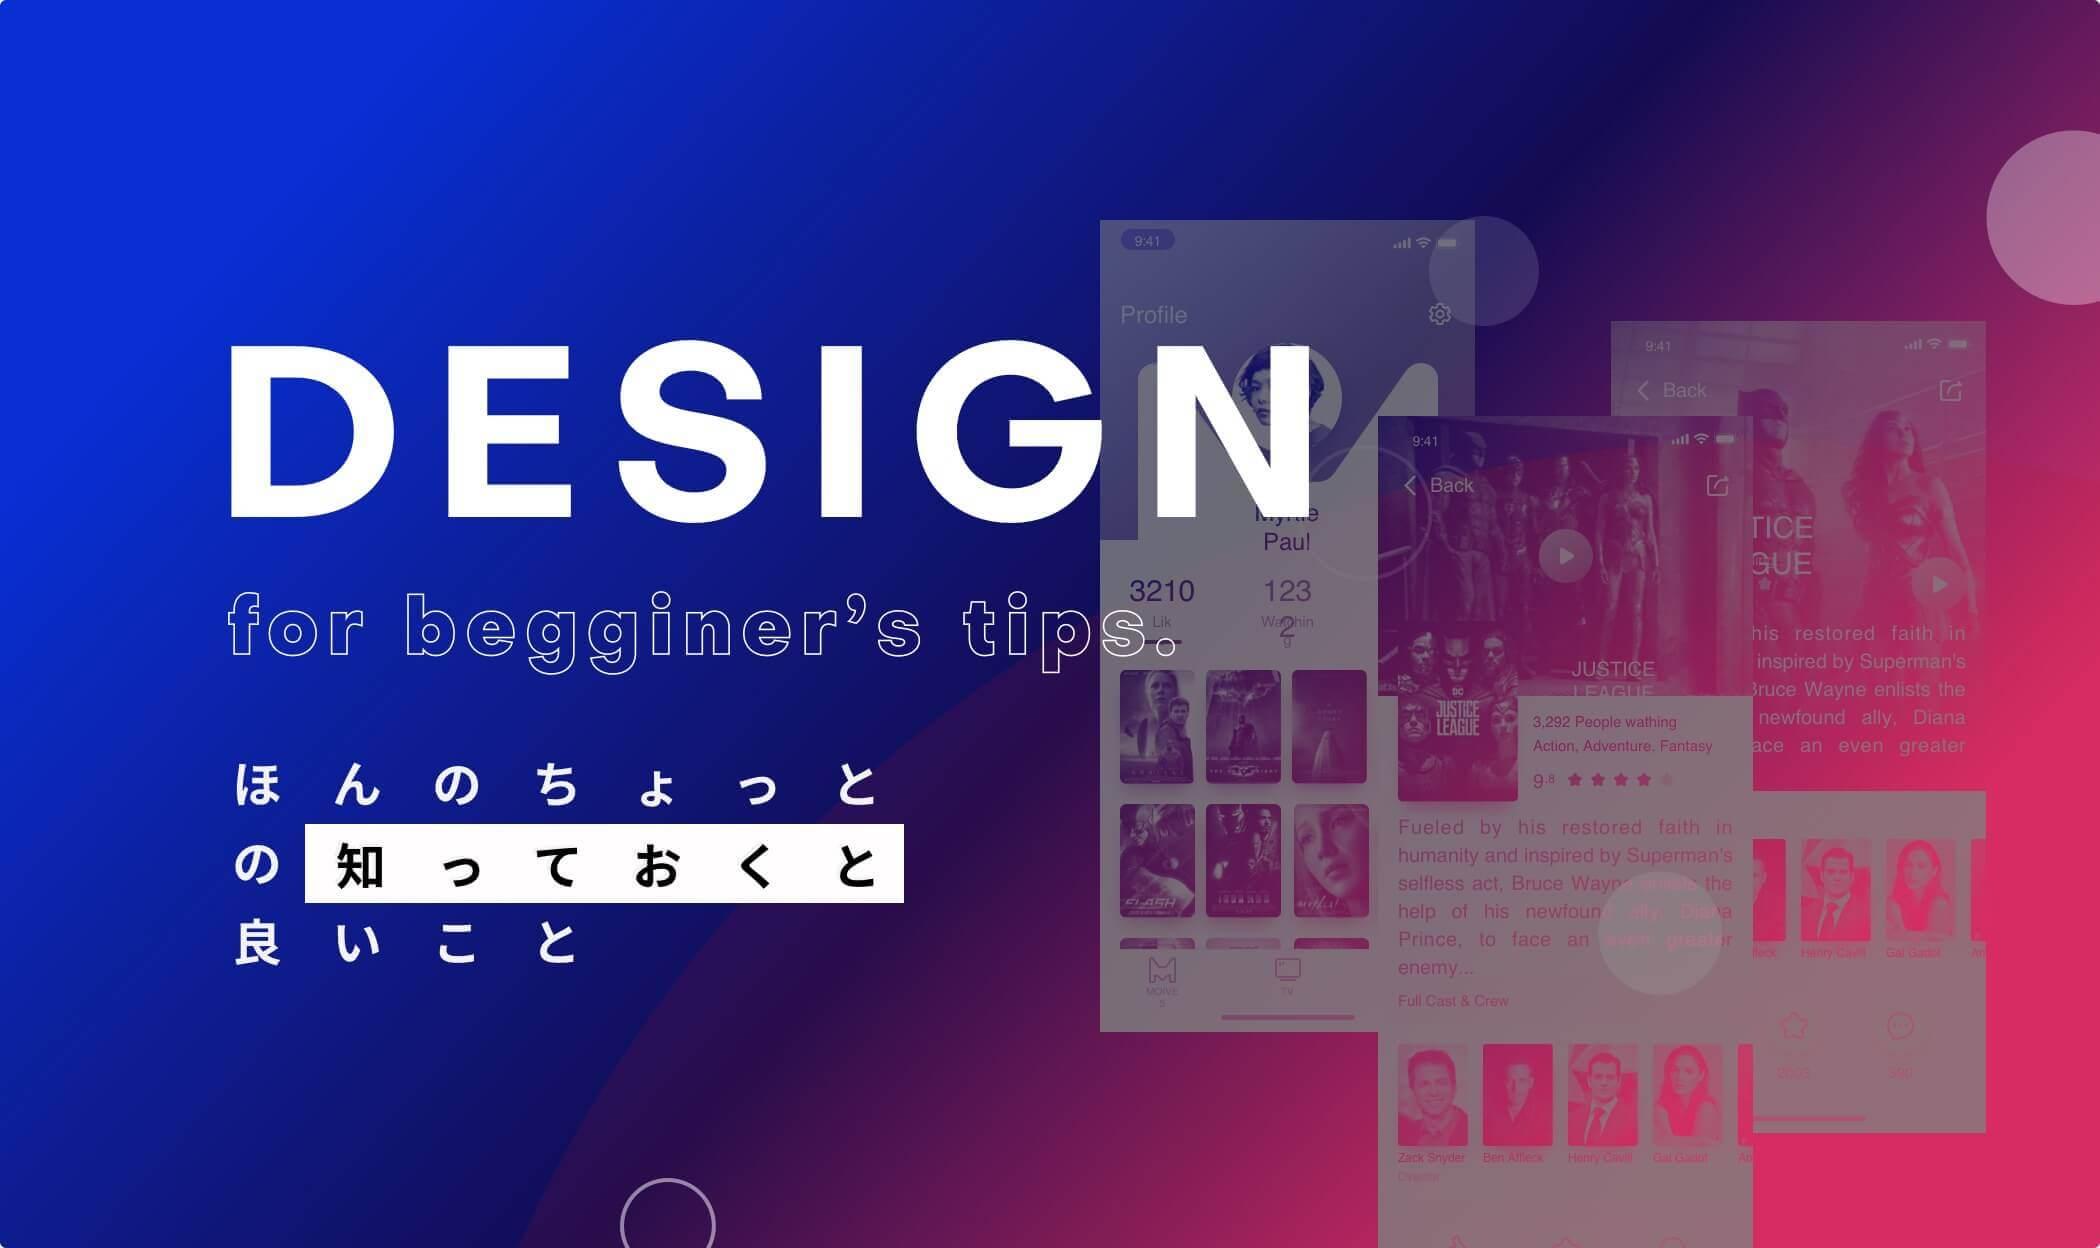 初心者Webデザイナーが良いデザインをつくるために気をつけること9つ